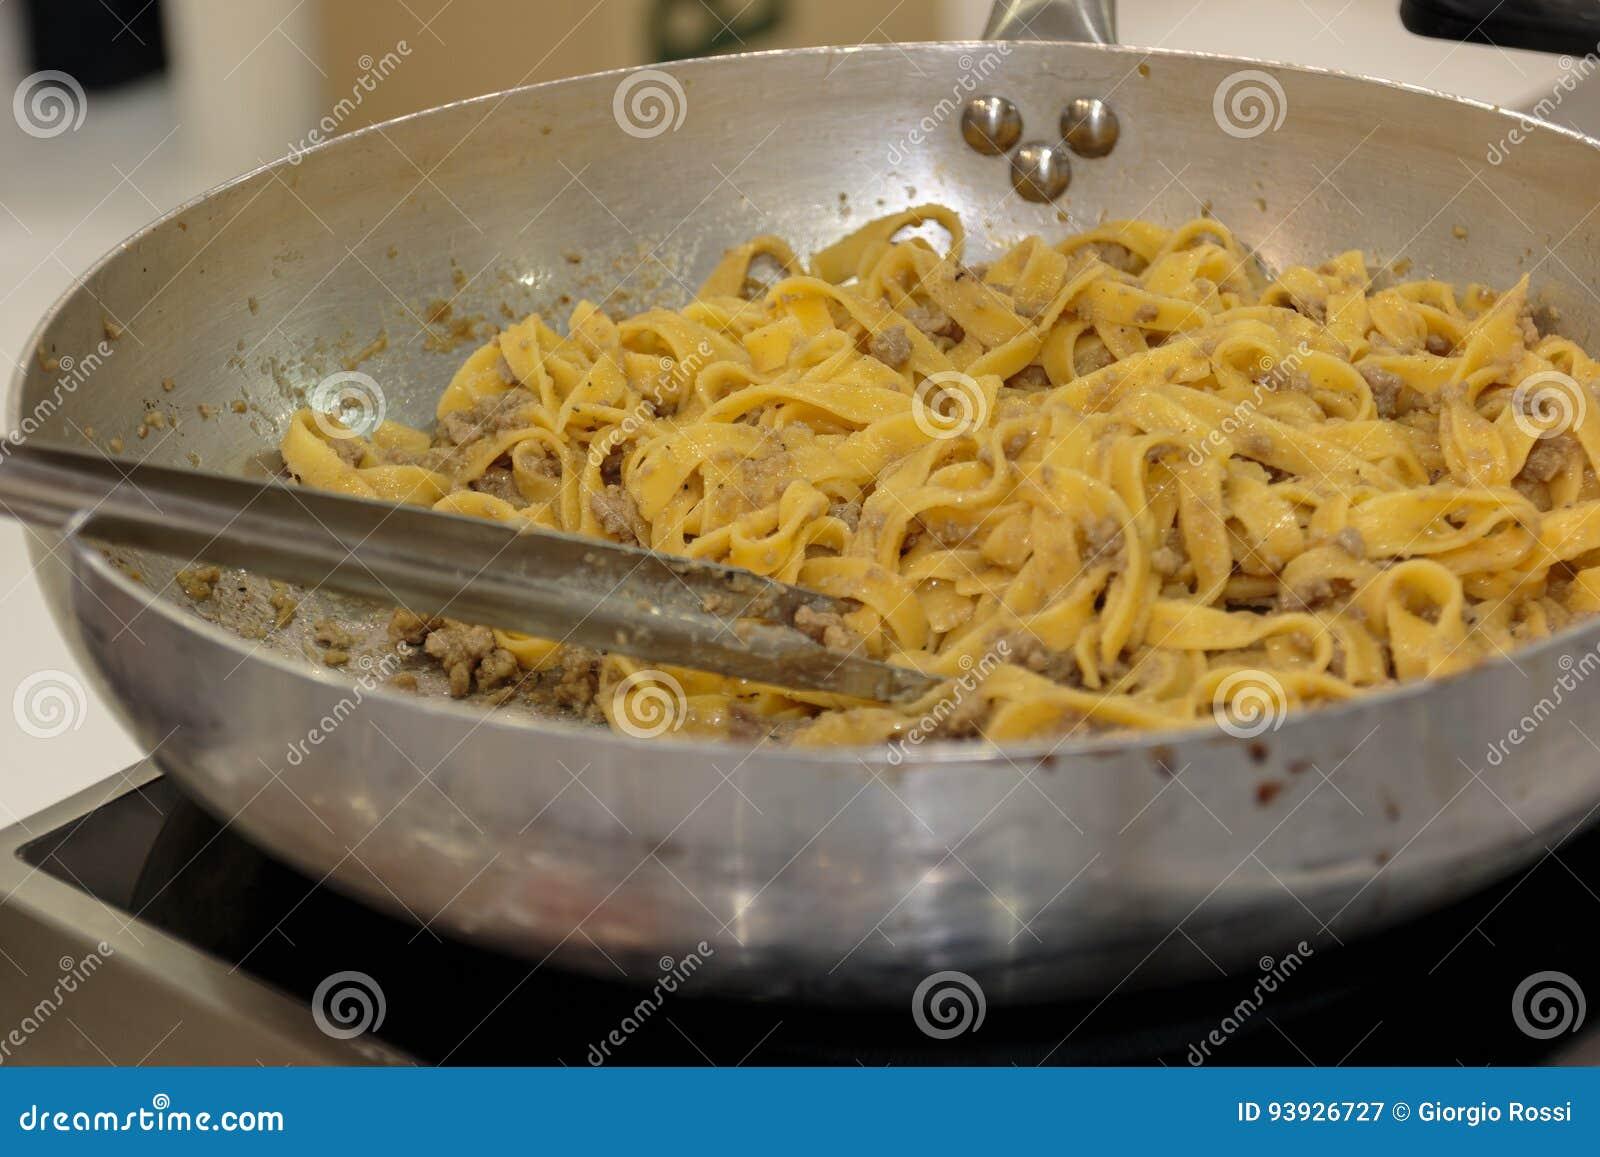 Cocinar Tallarines | Cocinar Tallarines Italianos De Las Pastas Dentro De La Cacerola